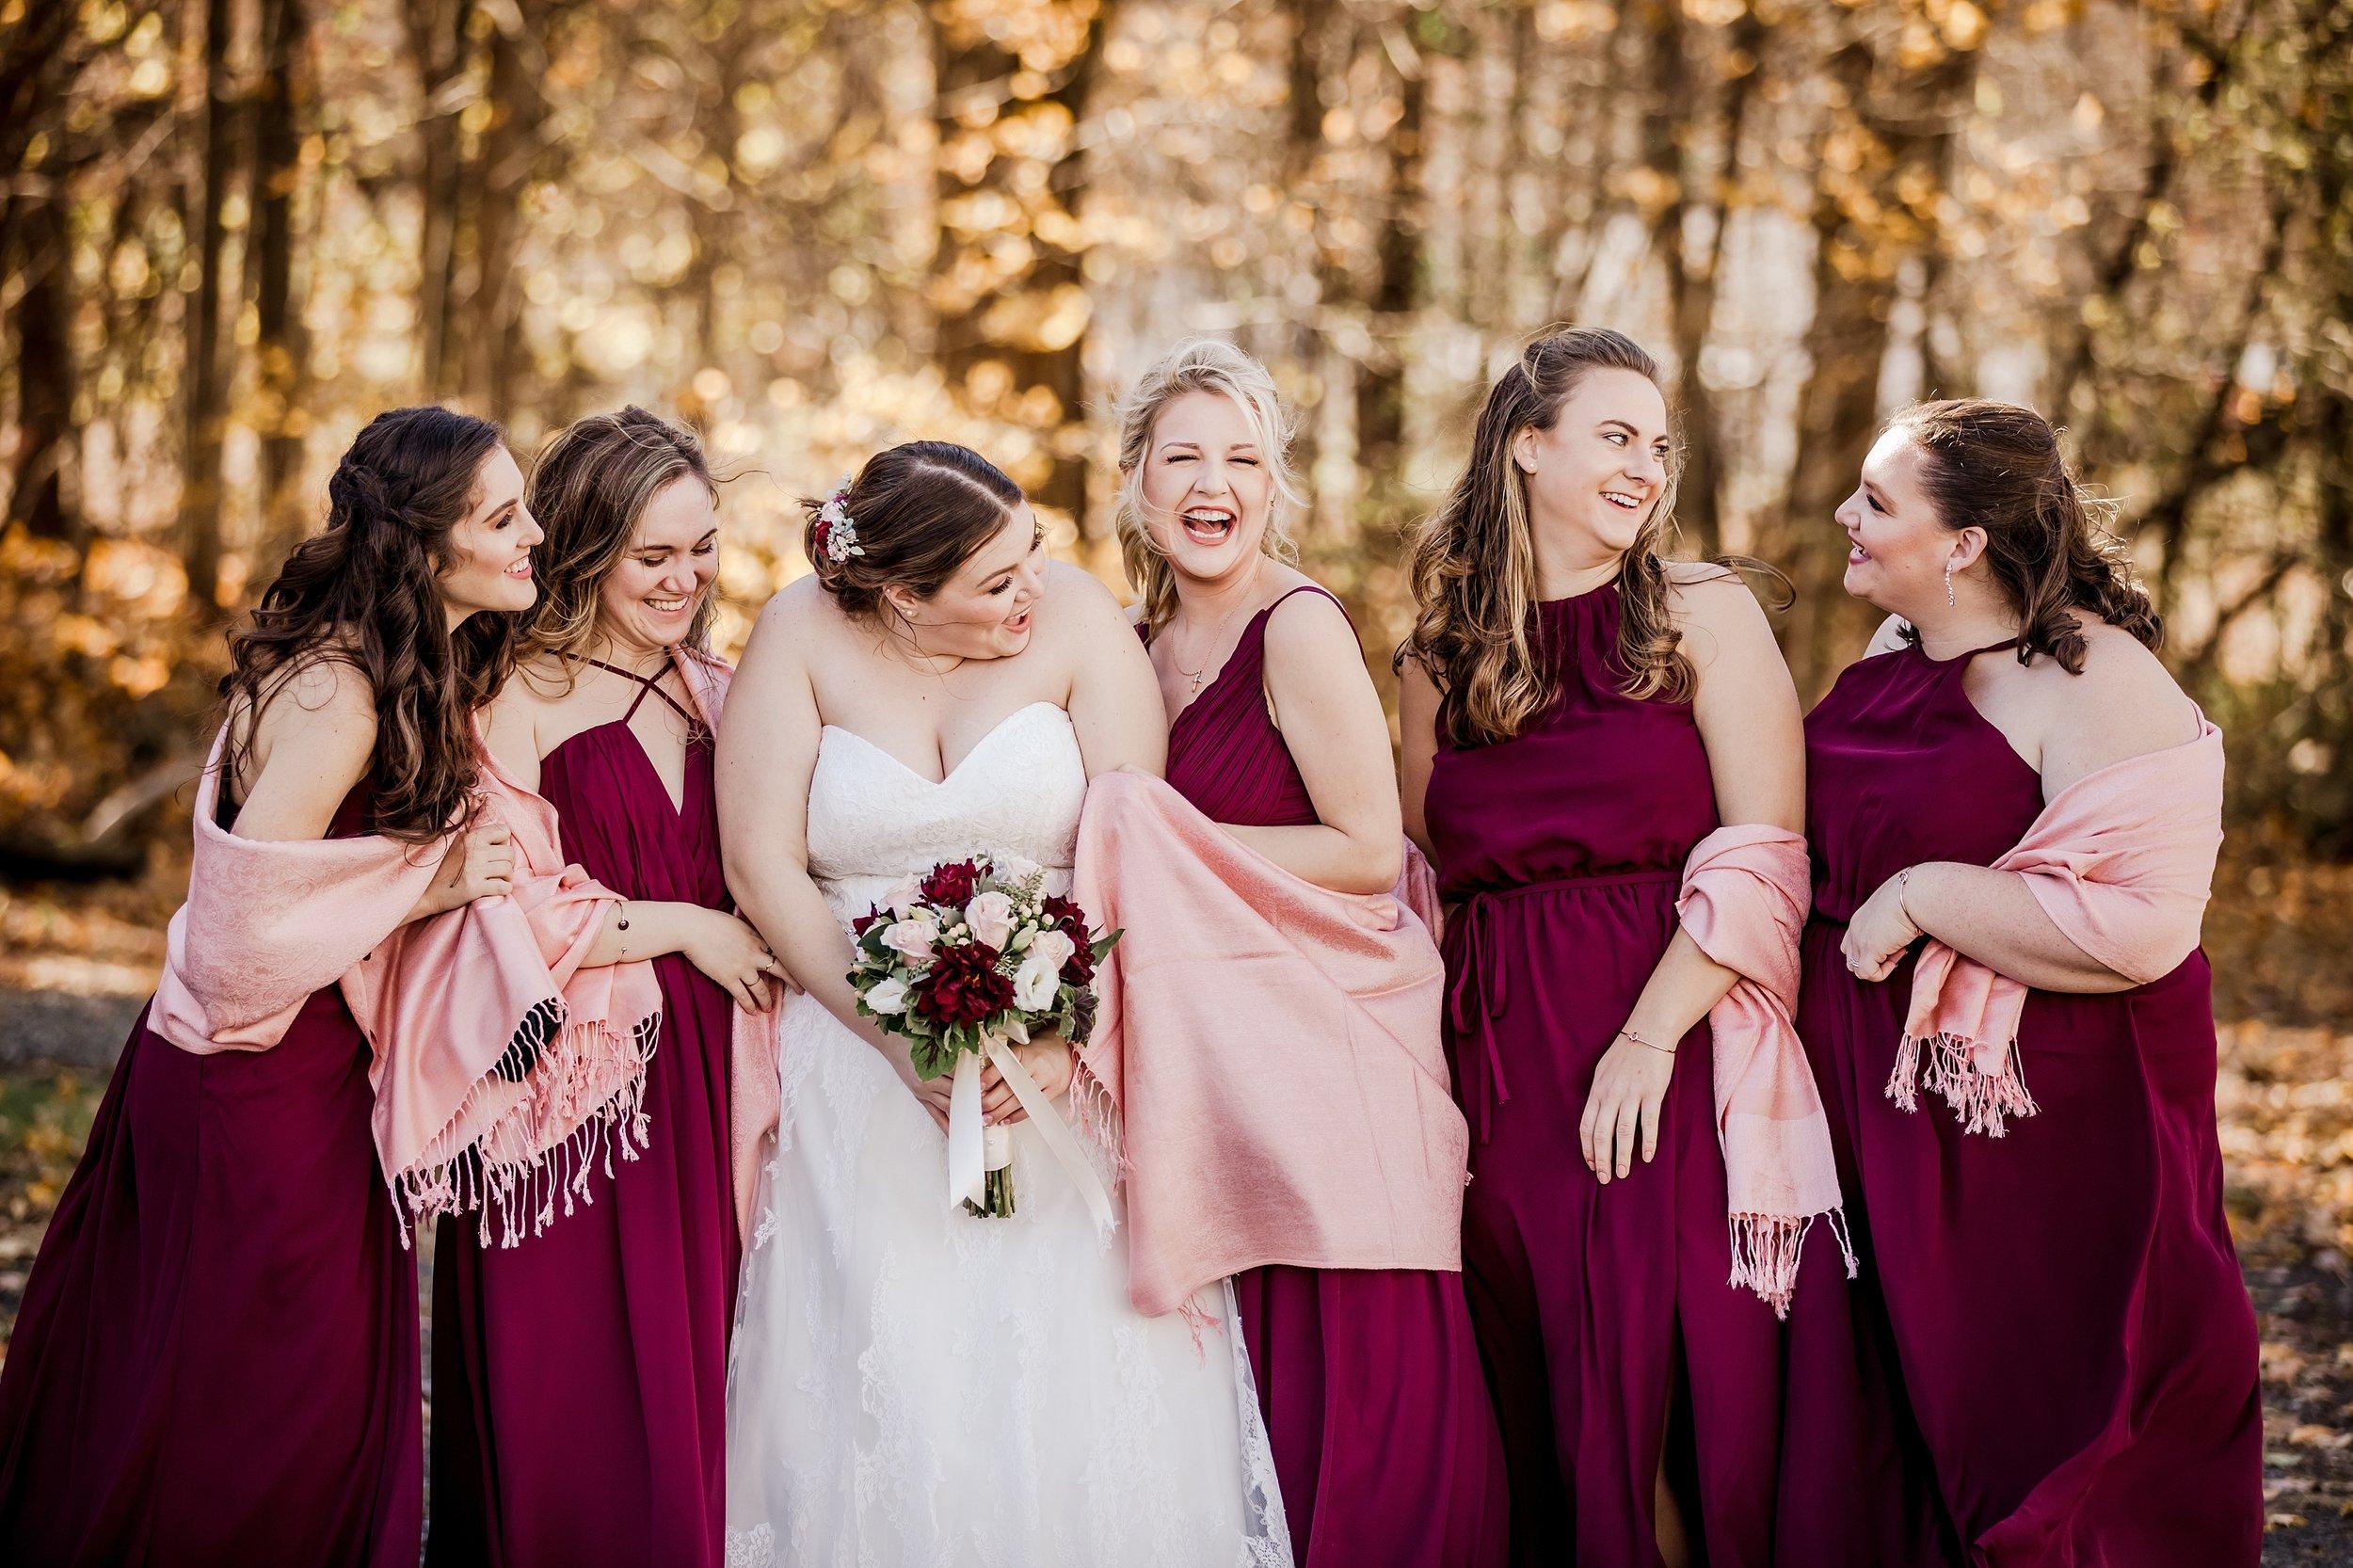 Savidge-Farms-Wedding-Photographer_0040.jpg